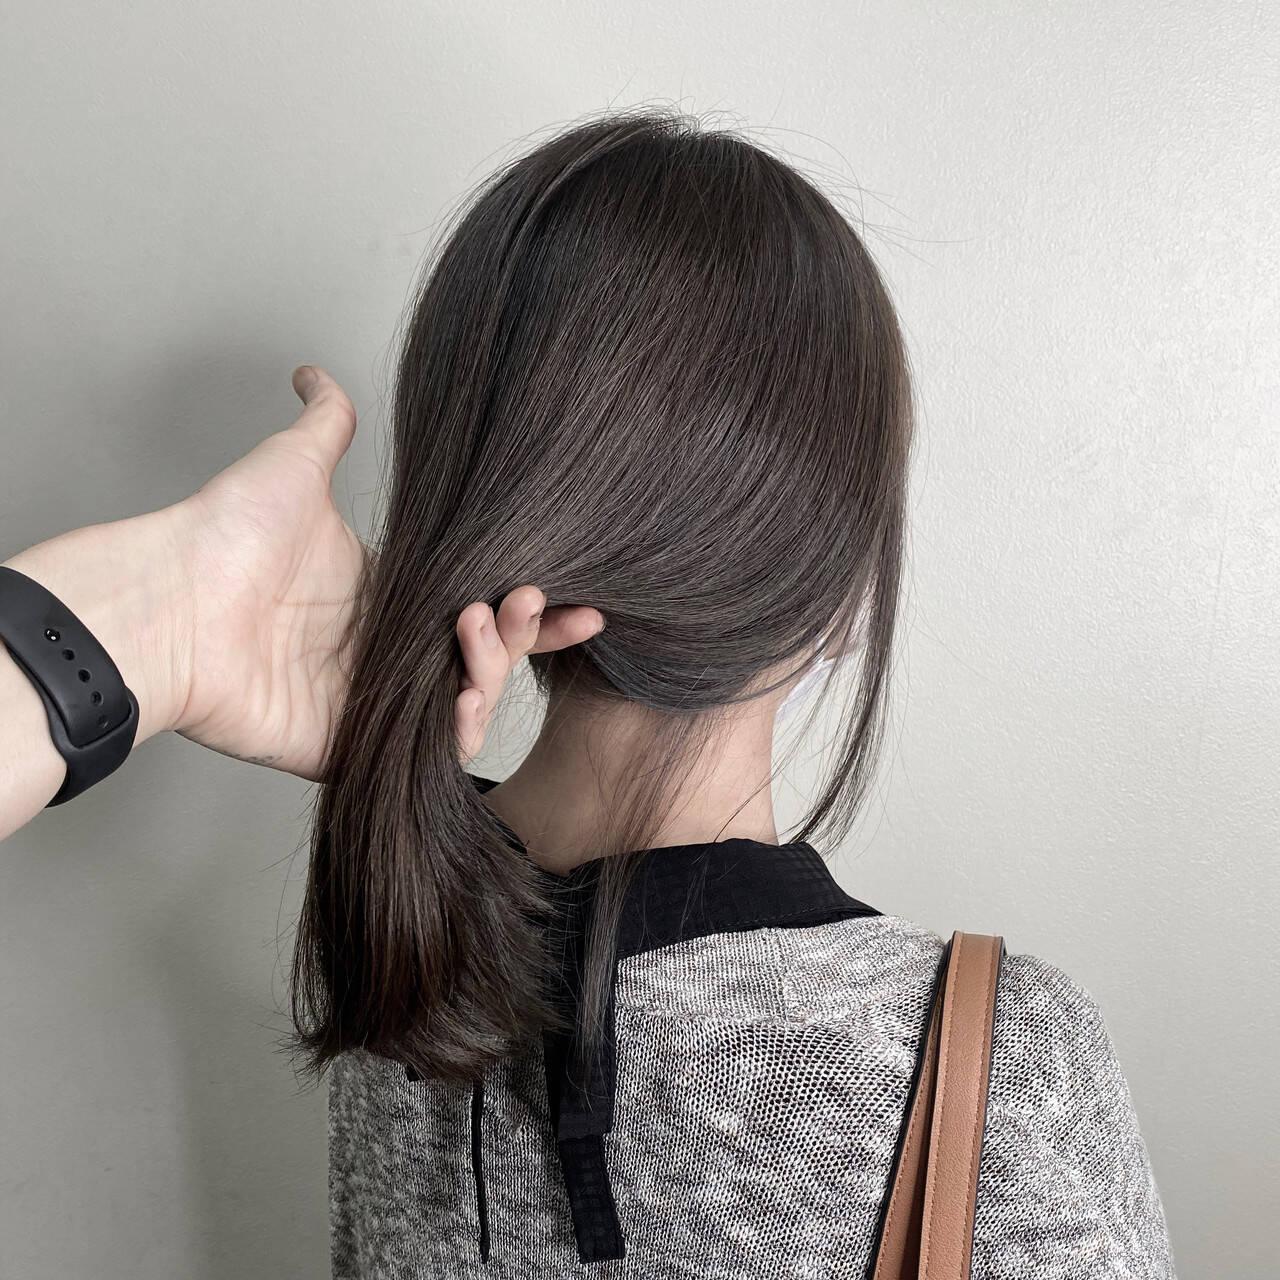 ブルーブラック ミディアム ネイビーブルー フェミニンヘアスタイルや髪型の写真・画像